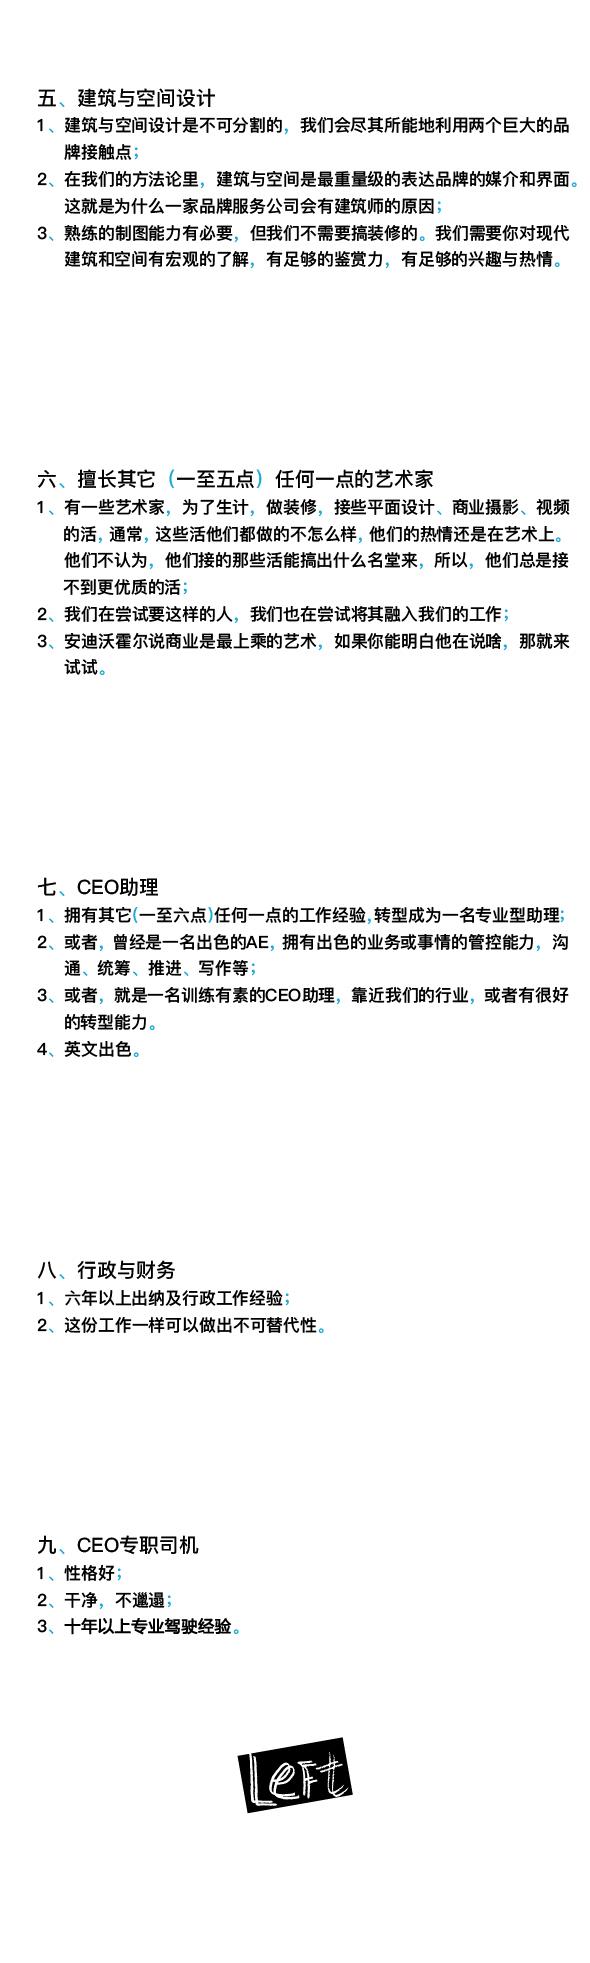 招聘_20191118-12.jpg